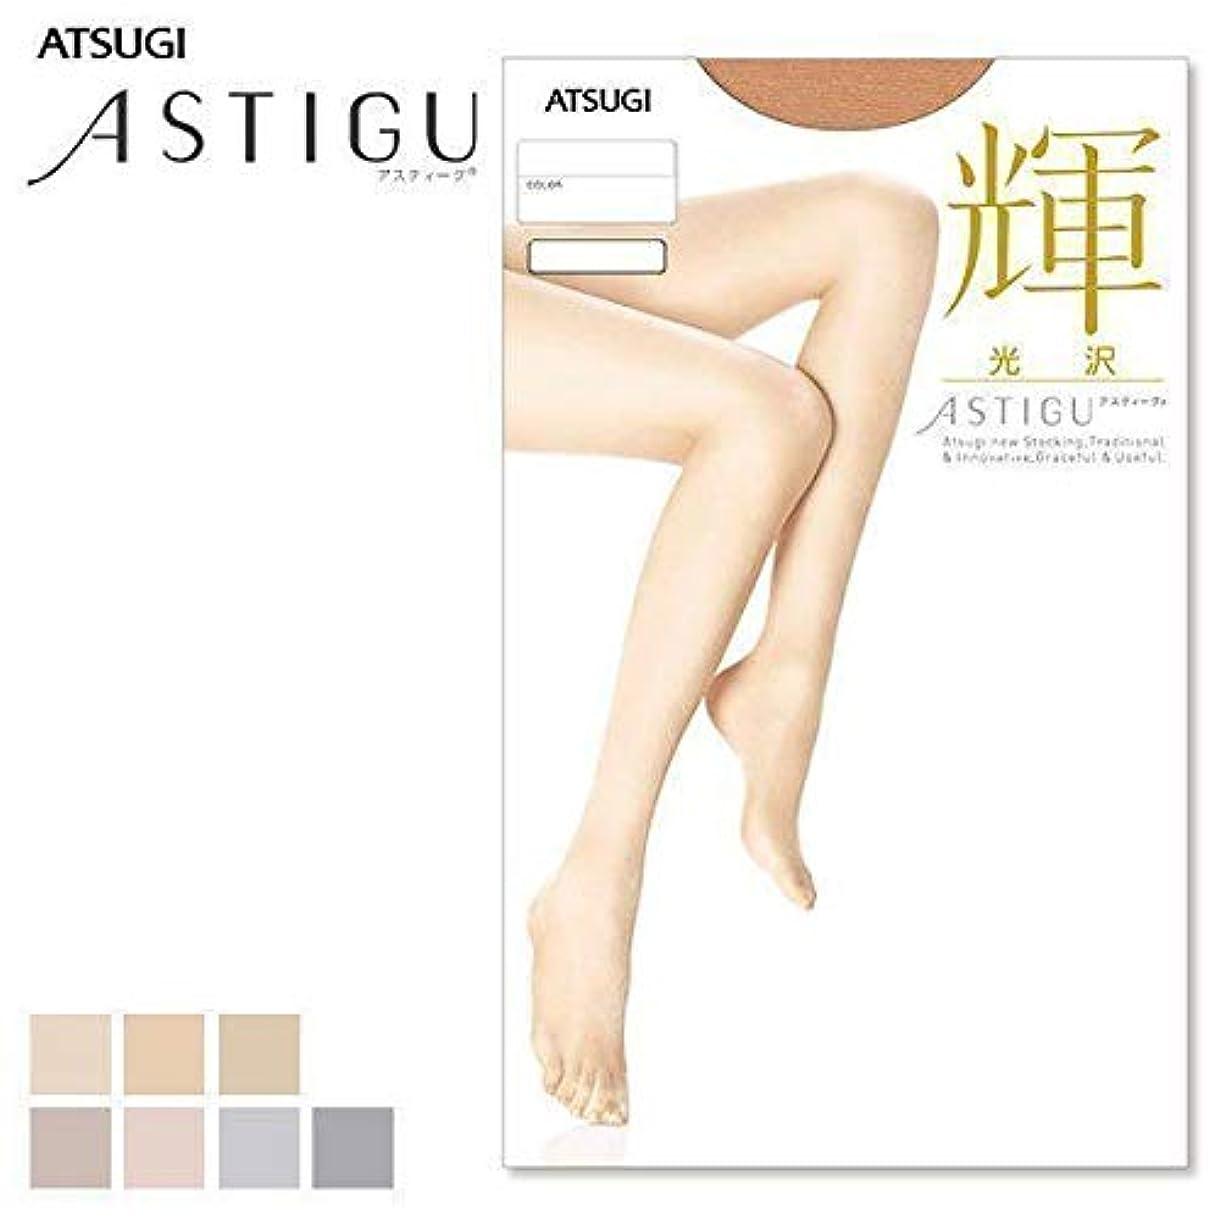 運営大人中間アツギ ASTIGU(アスティーグ)輝(ベビーベージュ)サイズ M~L